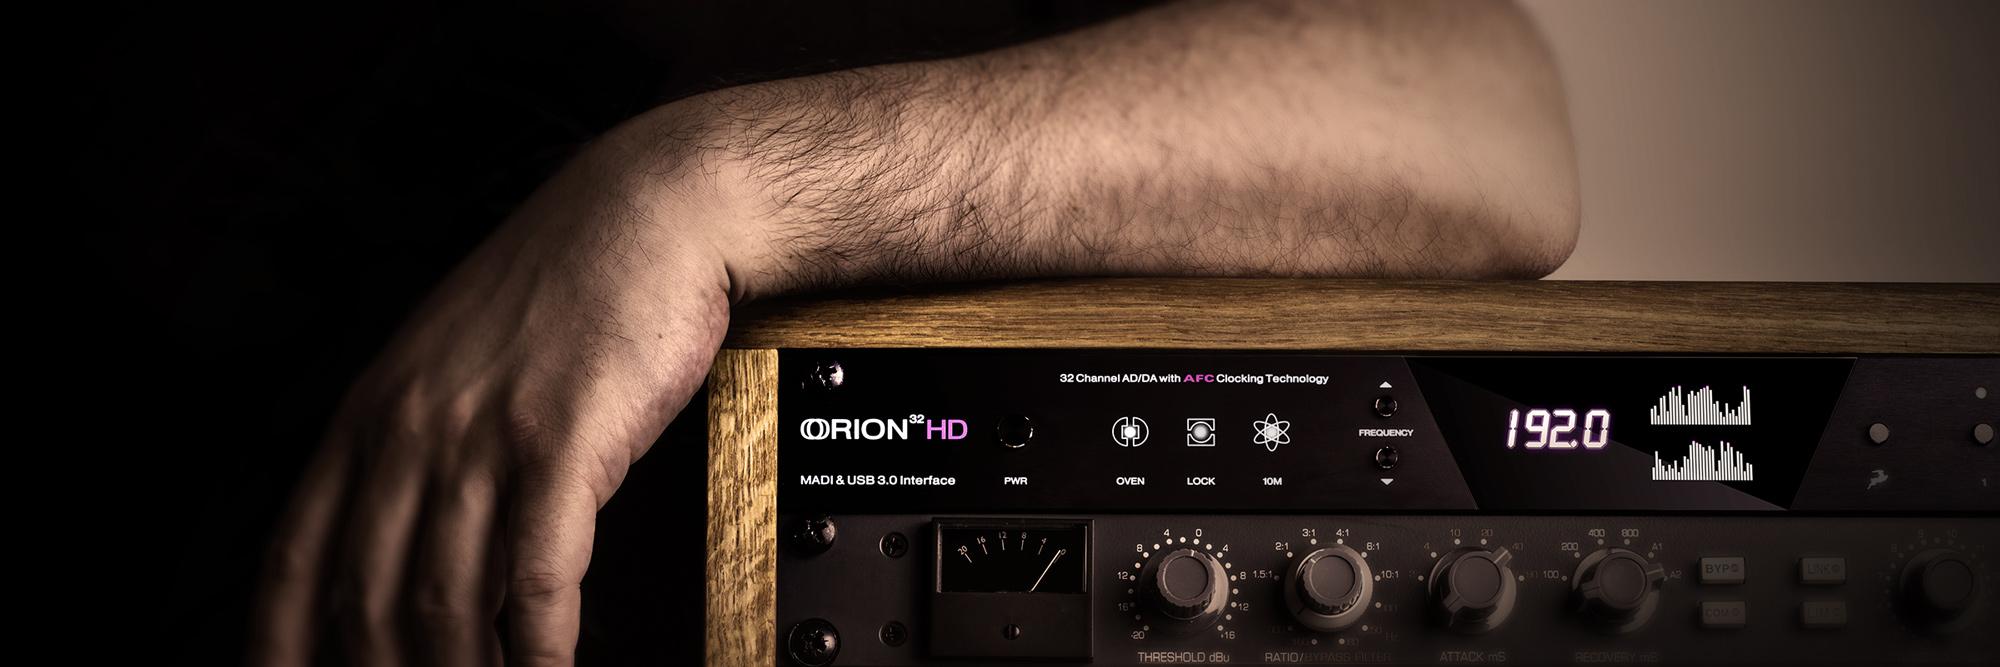 orion32HD header image1